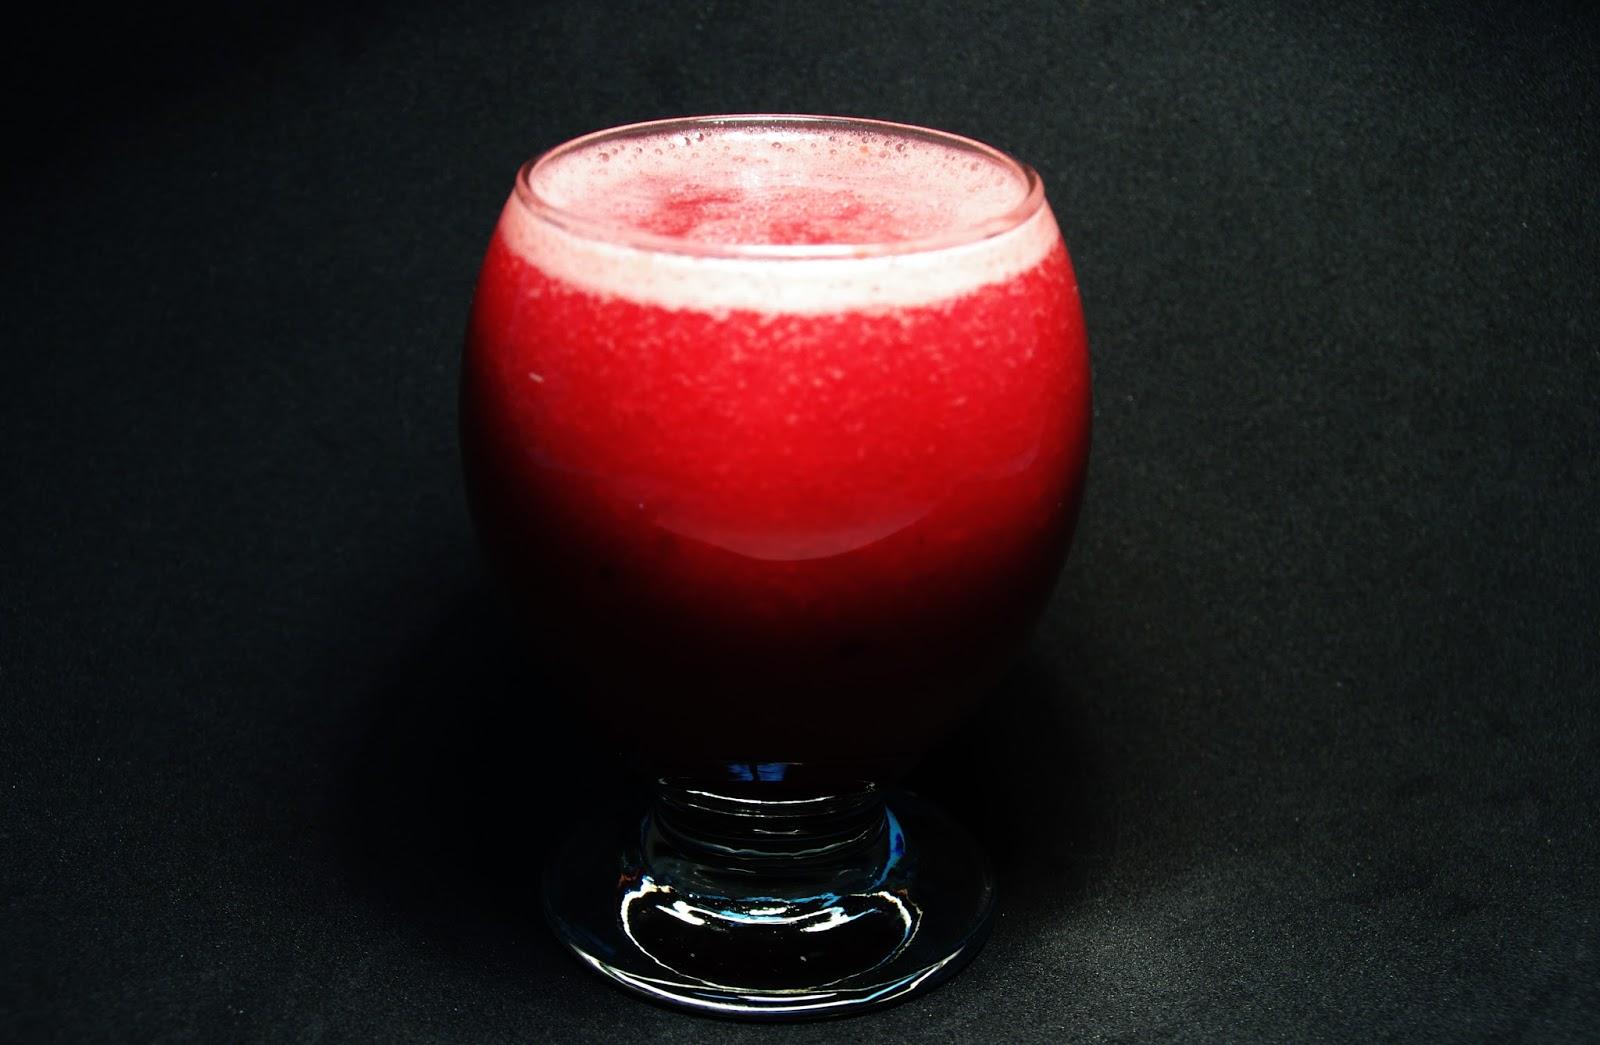 zumo de pomelo, fresas y frutos del bosque